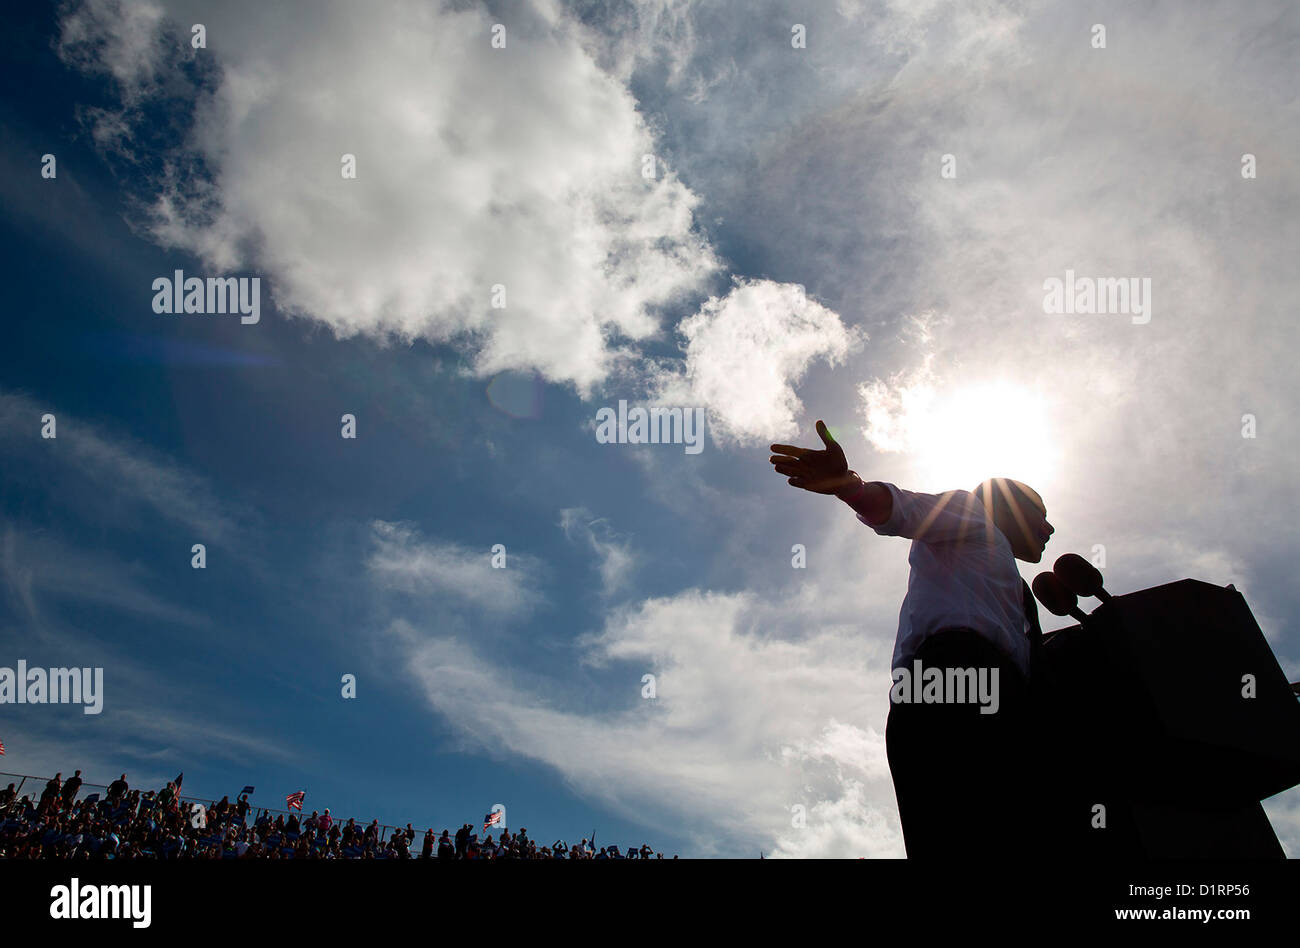 Le président américain Barack Obama aborde une foule pendant une campagne électorale, le 23 octobre Photo Stock